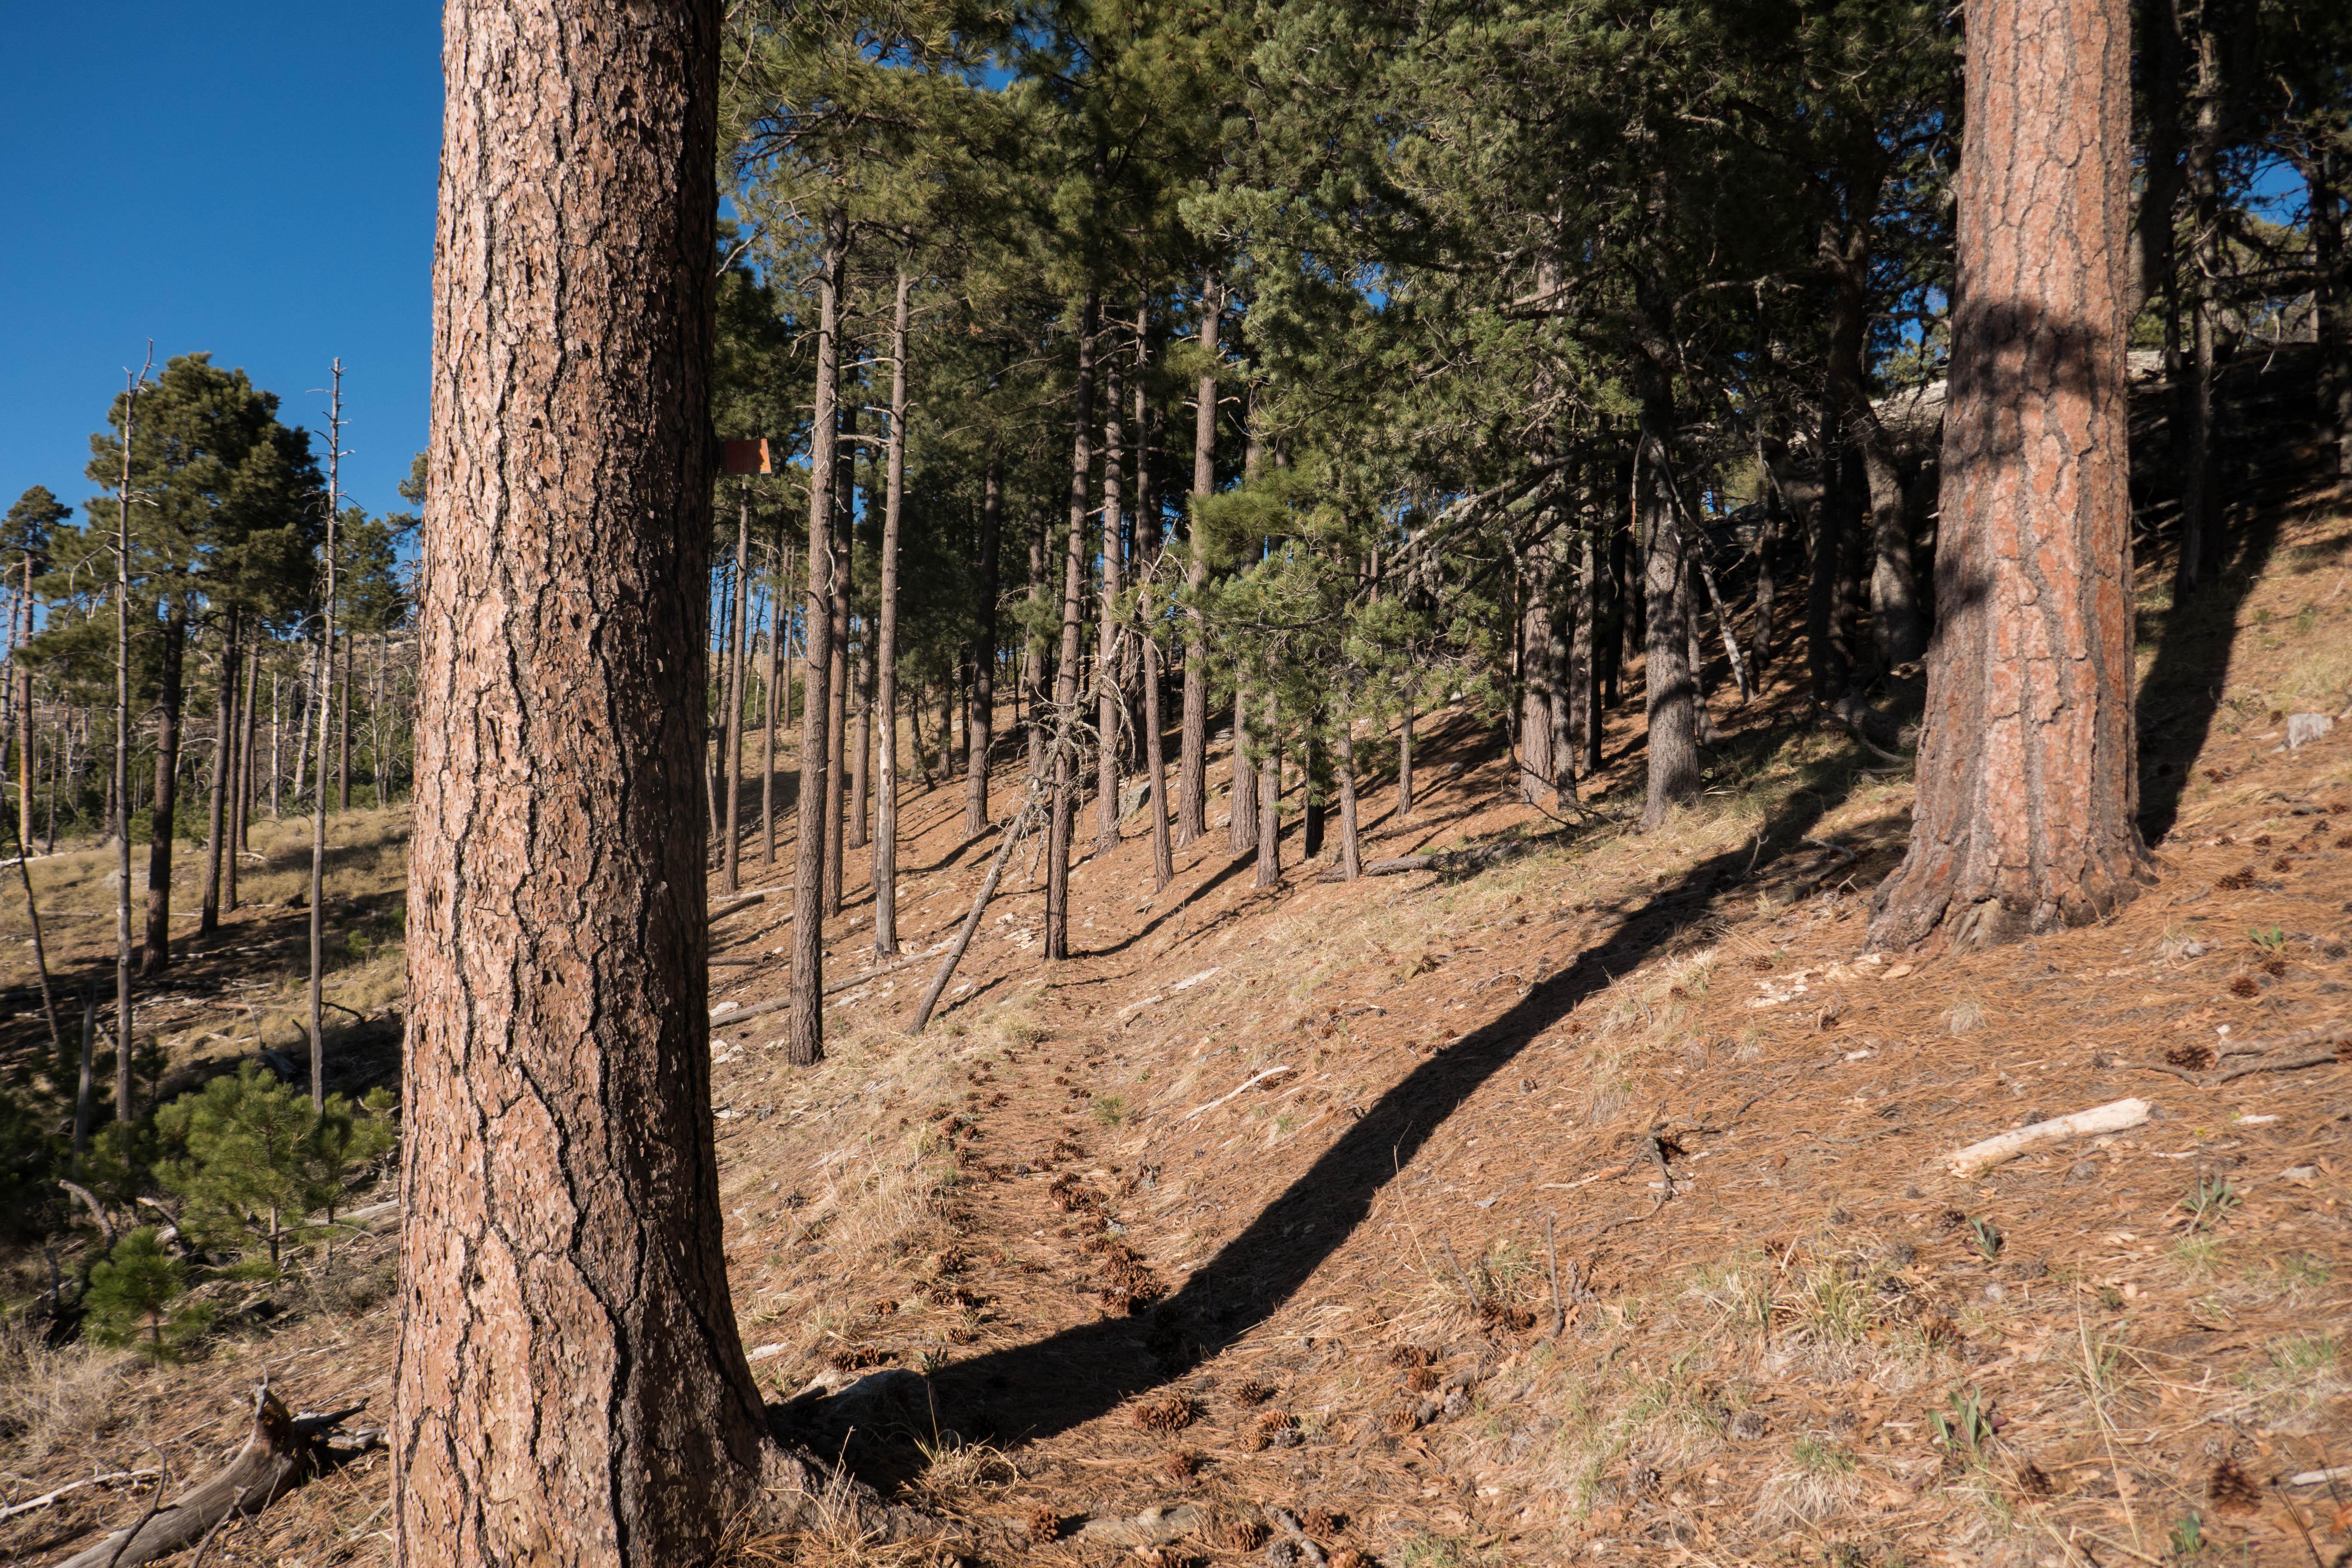 Saguaro: Fire Loop Trail to Spud Rock